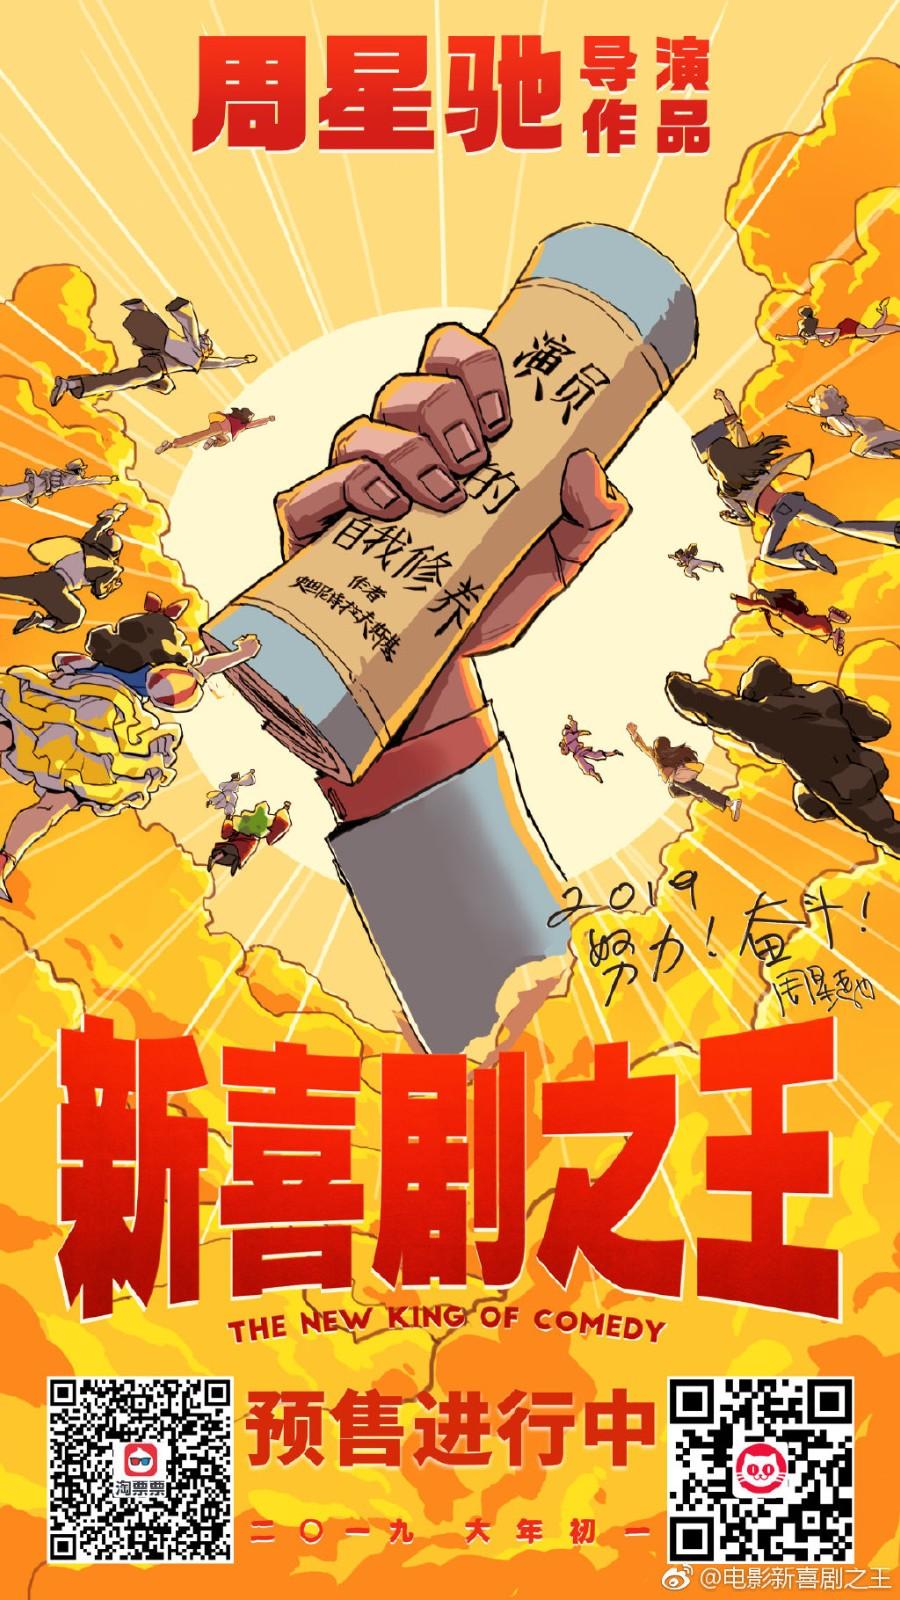 新喜剧之王宣传(2019.1.17)